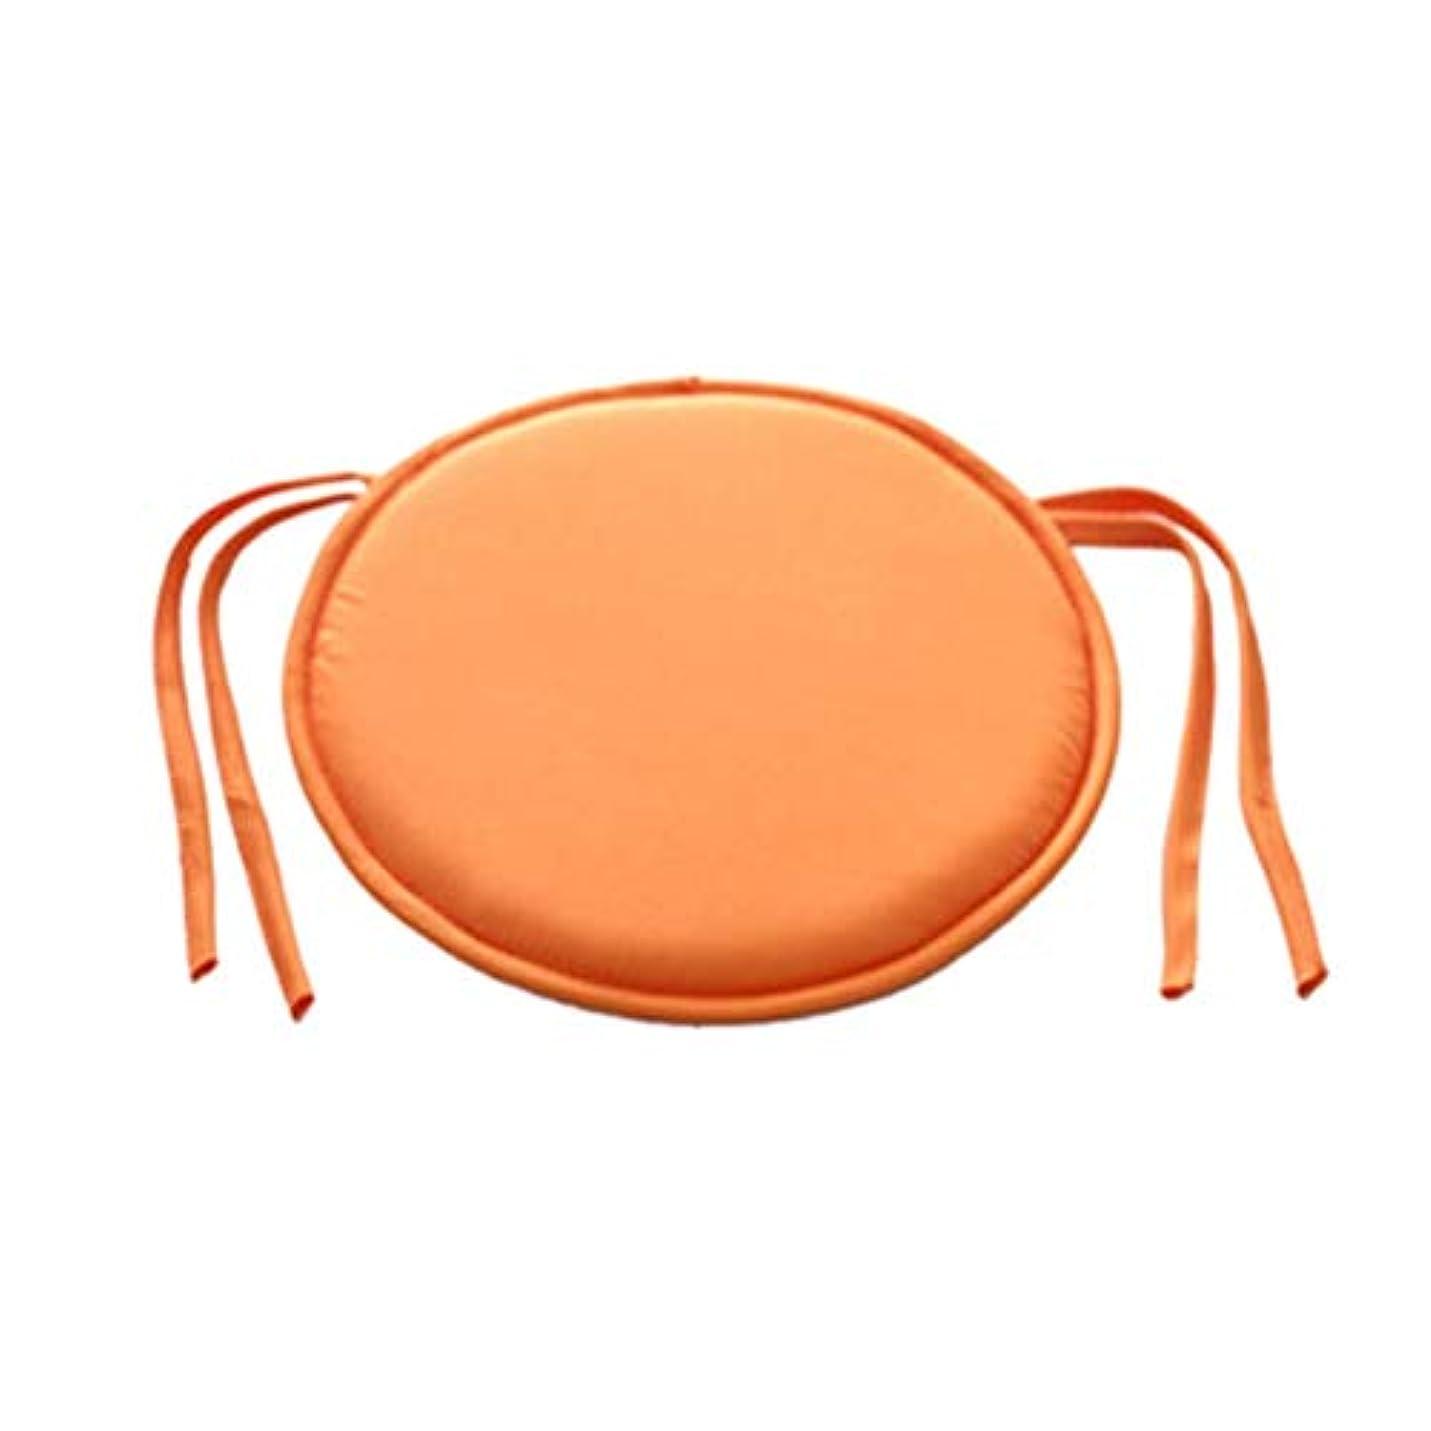 もろい仲間ペンフレンドSMART ホット販売ラウンドチェアクッション屋内ポップパティオオフィスチェアシートパッドネクタイスクエアガーデンキッチンダイニングクッション クッション 椅子